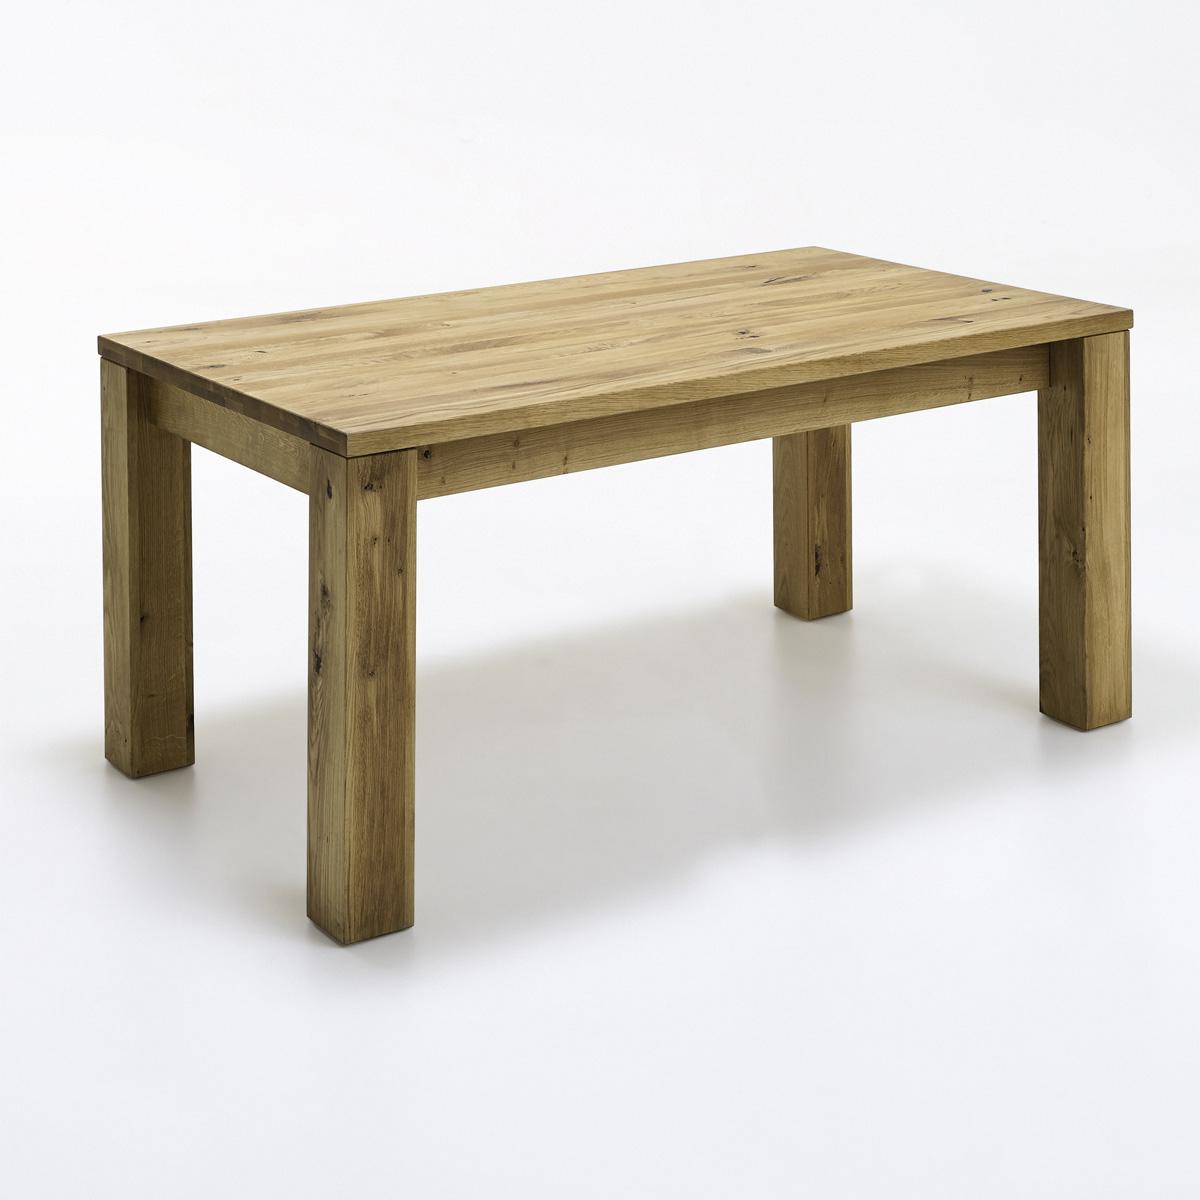 Esstisch mit Gestellauszug Lissy aus Massivholz, Bild 5